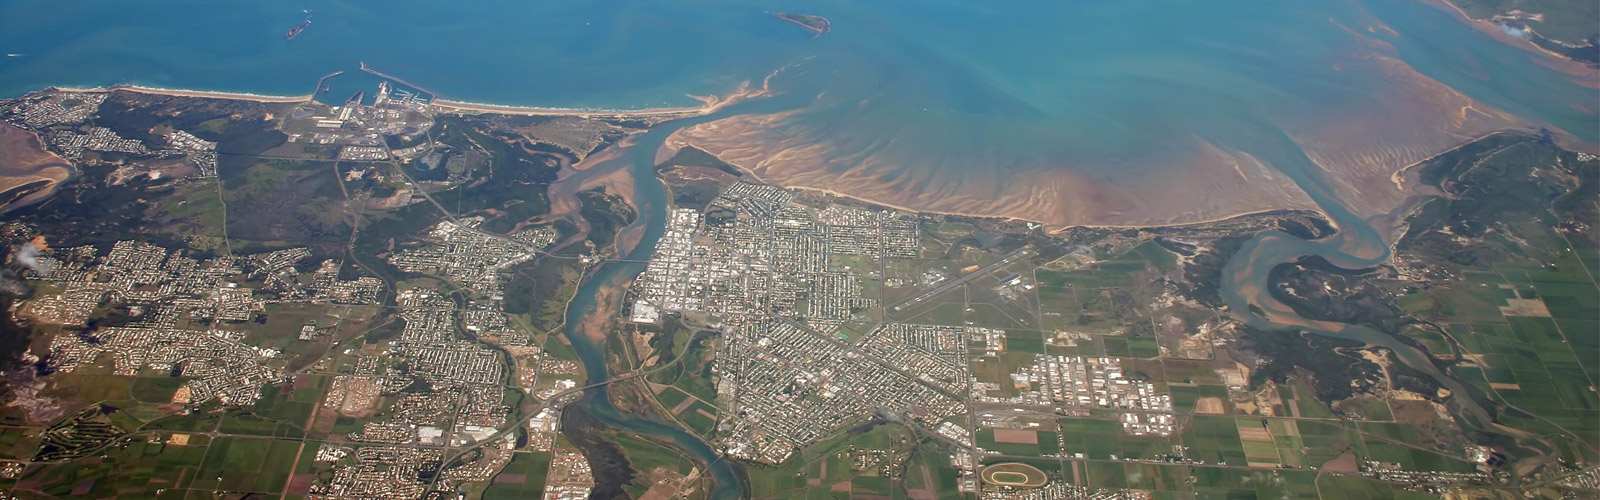 Mackay, Queensland